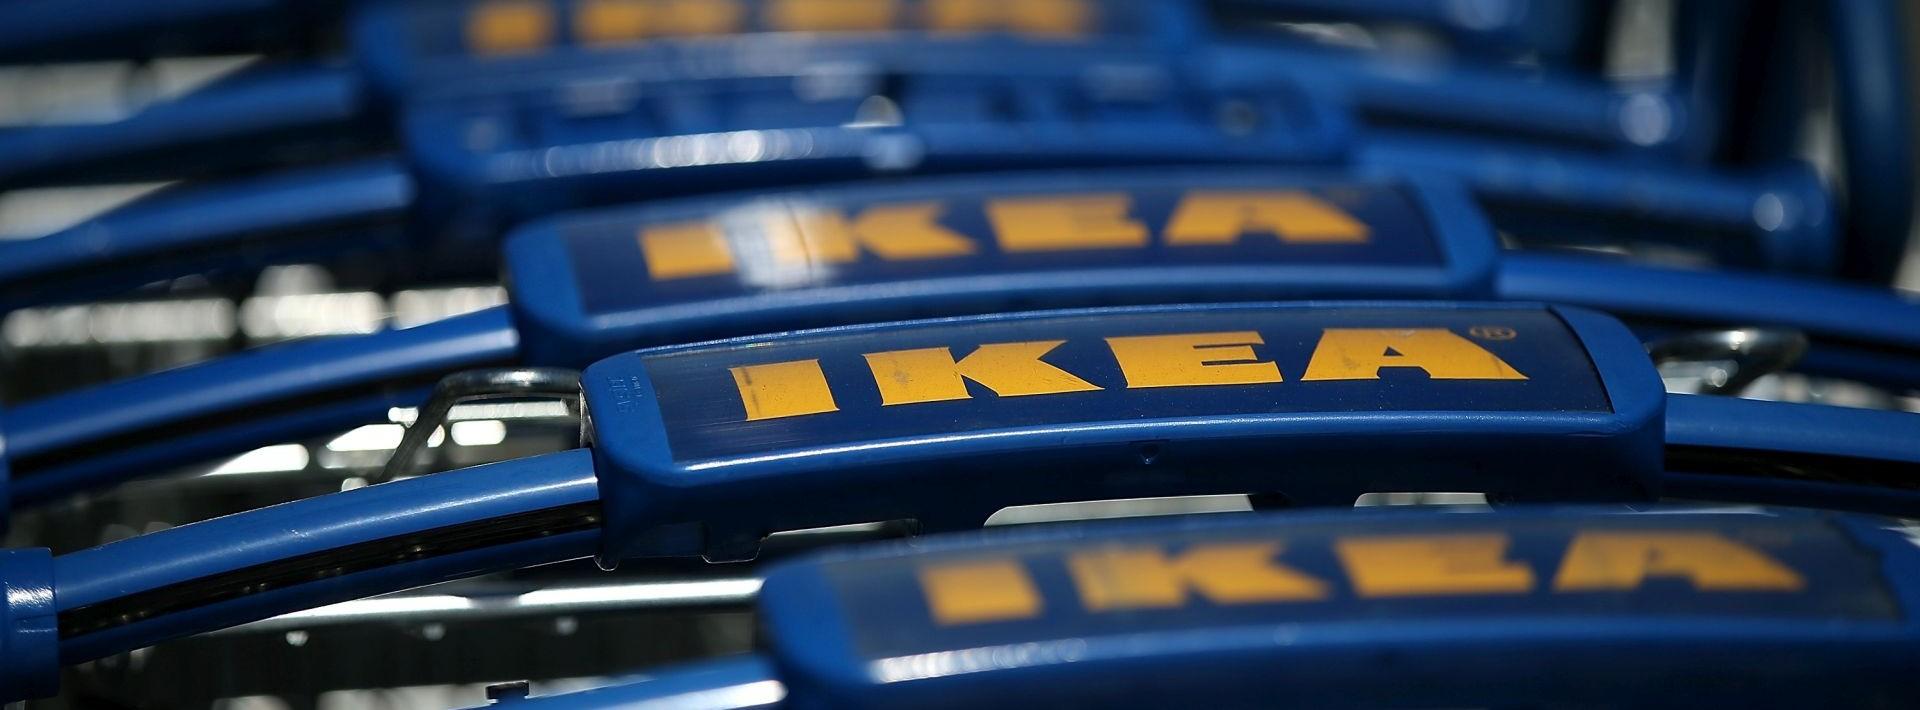 IKEA Hrvatska treći najbolji poslodavac u Republici Hrvatskoj, nastavljeno ulaganje u poseban mirovinski fond